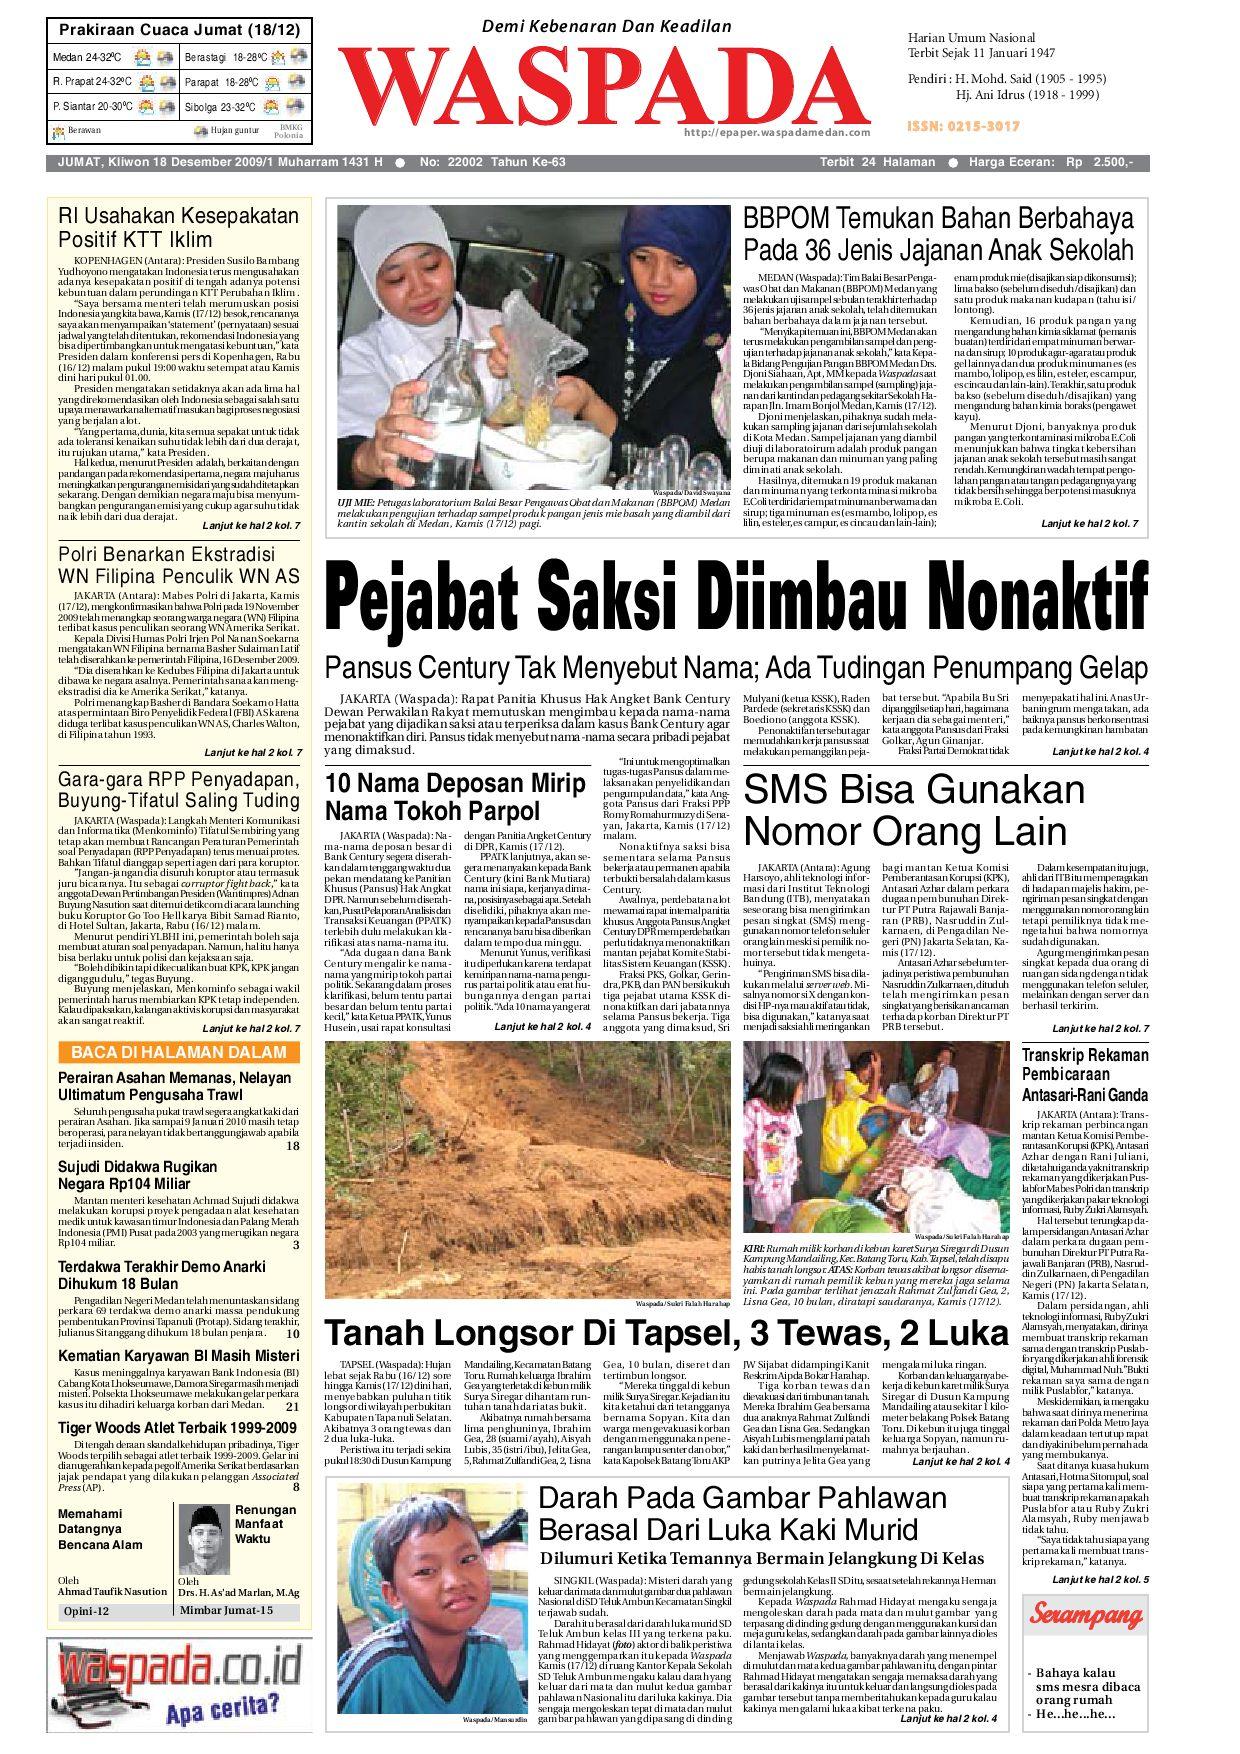 Waspada Jumat 18 Desember 2009 By Harian Waspada Issuu